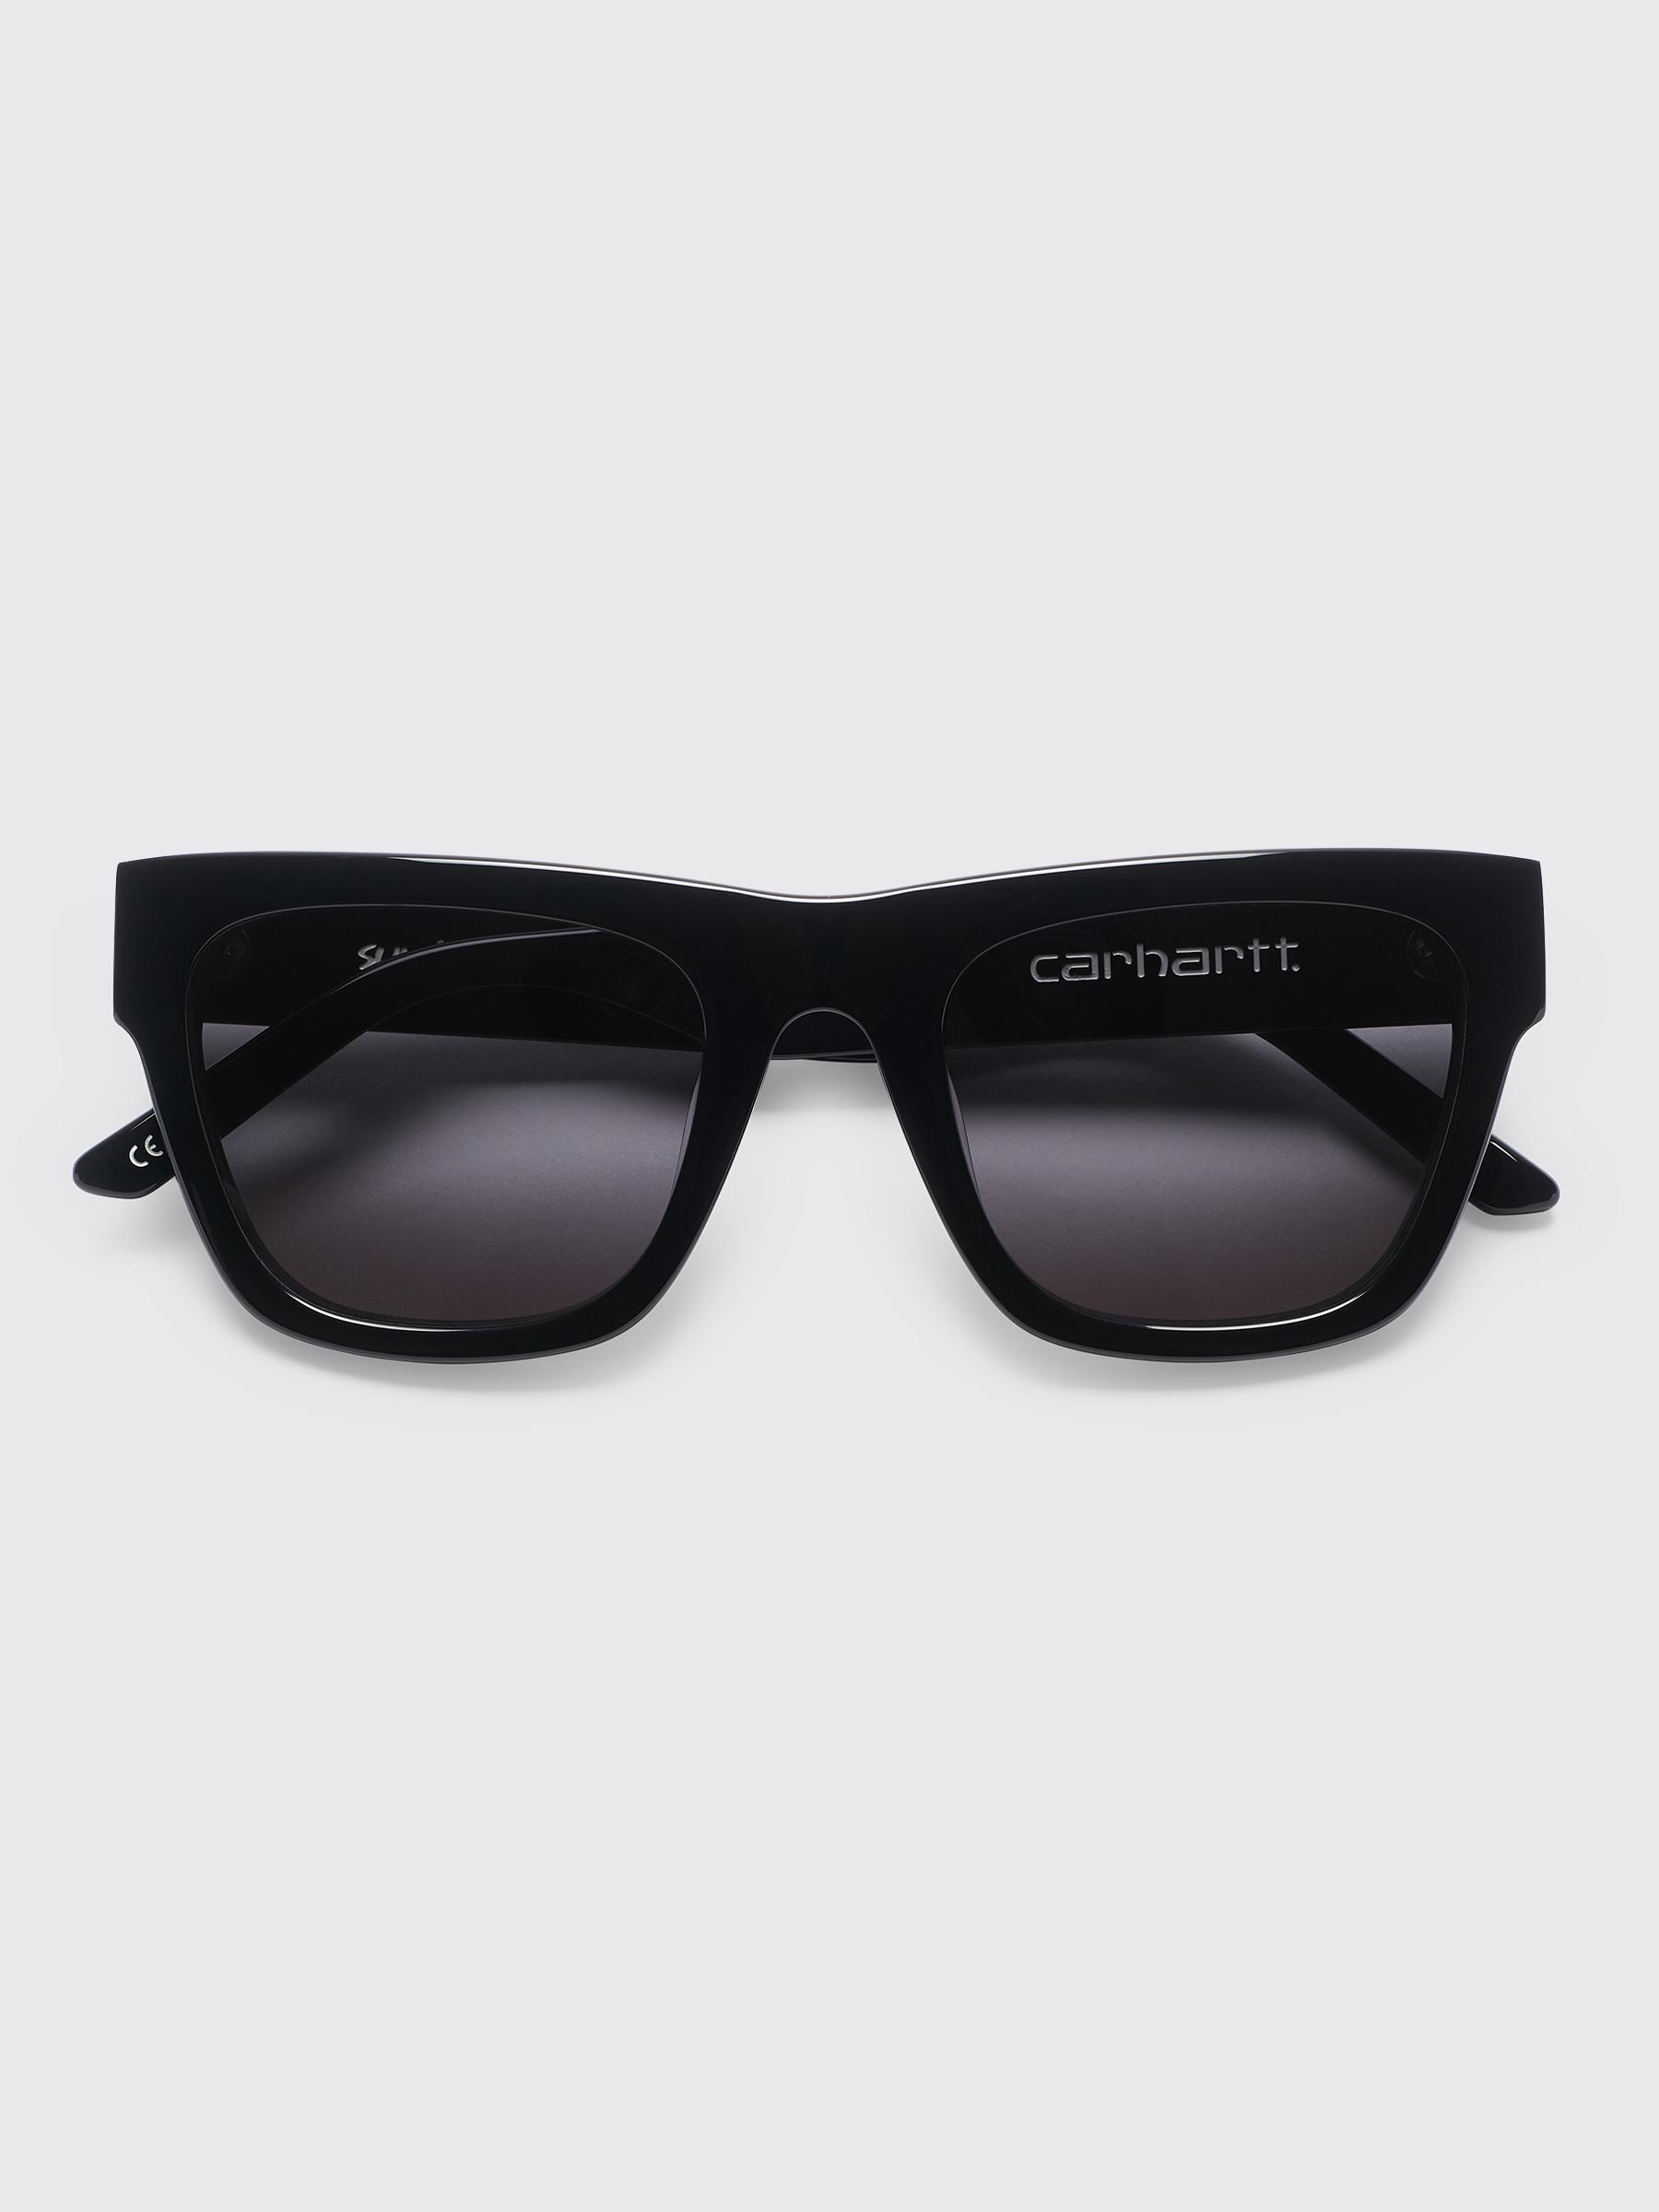 6906e79e9103 Très Bien - Sun Buddies for Carhartt WIP Shane Sunglasses Black